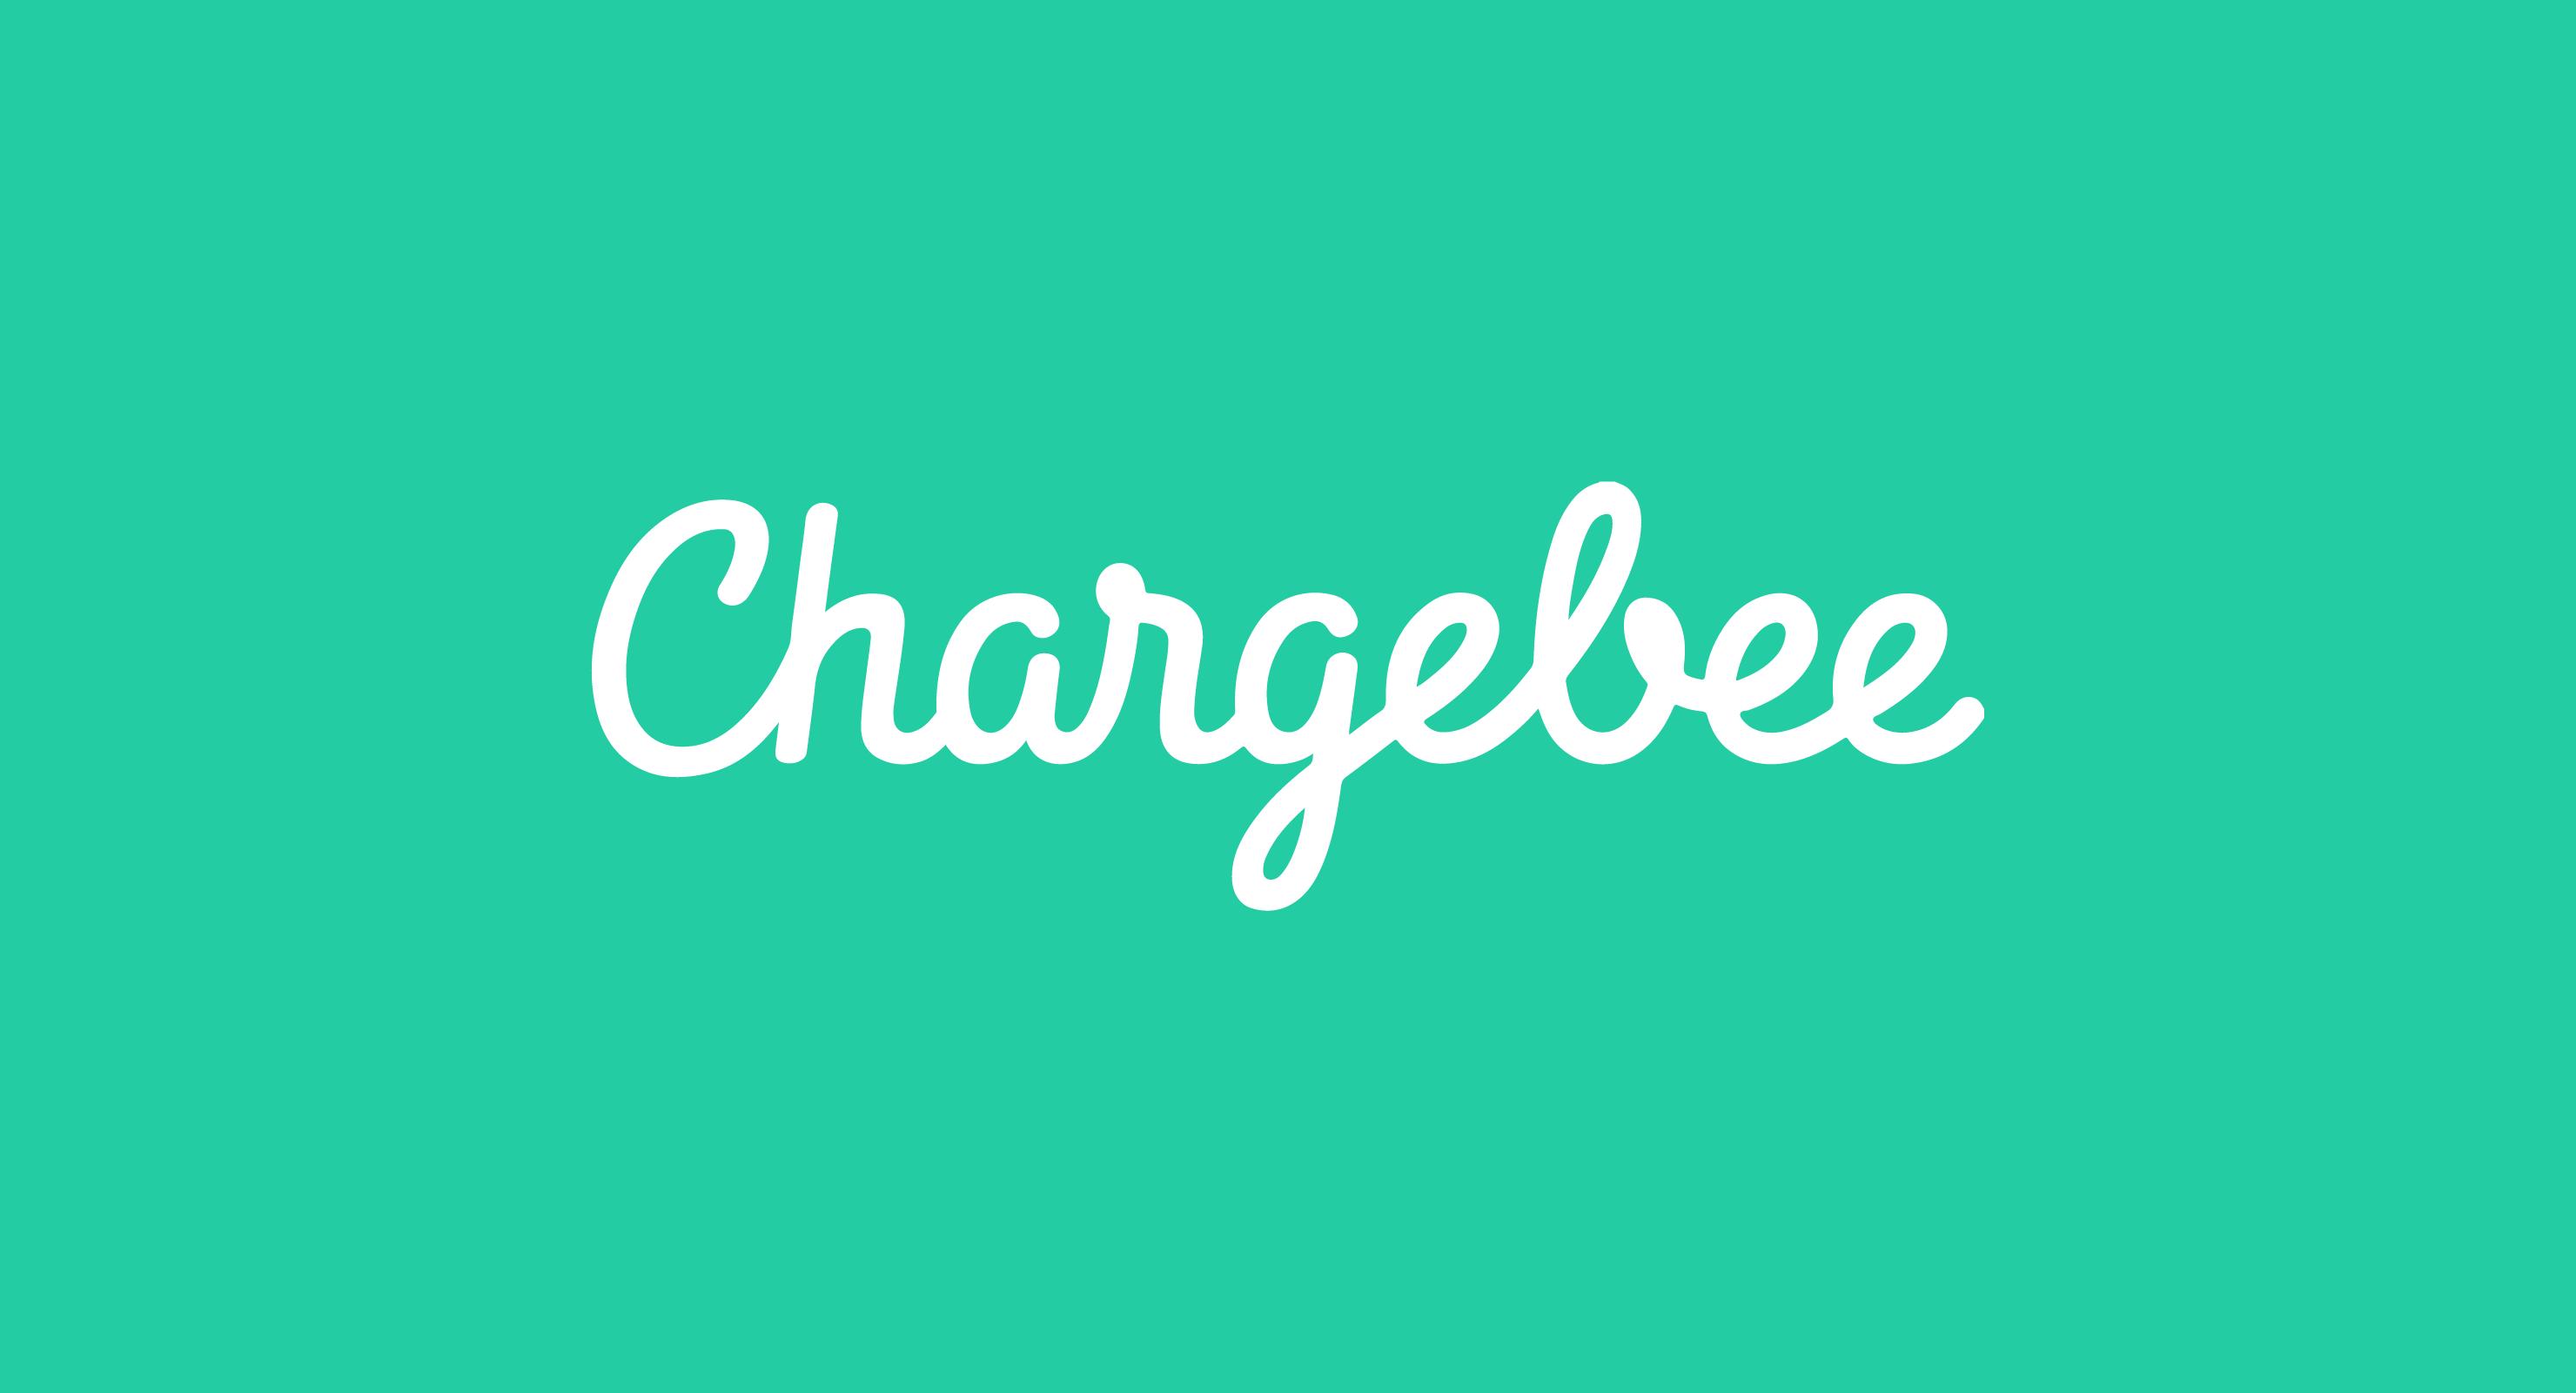 chargebee-case-study-blog-image@2x